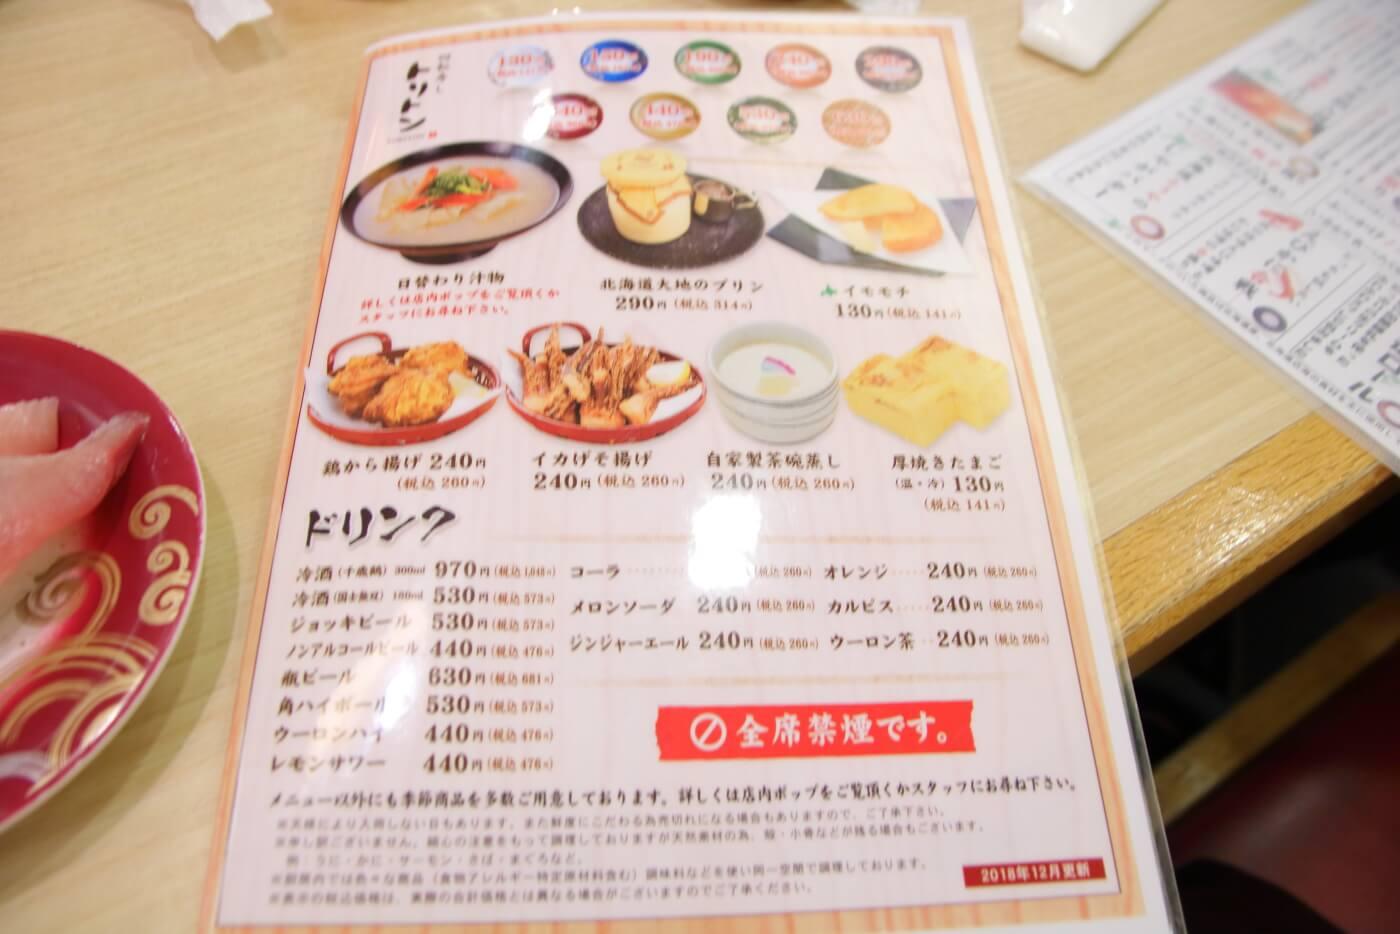 回転寿司トリトン 東京スカイツリータウン・ソラマチ店のメニュー